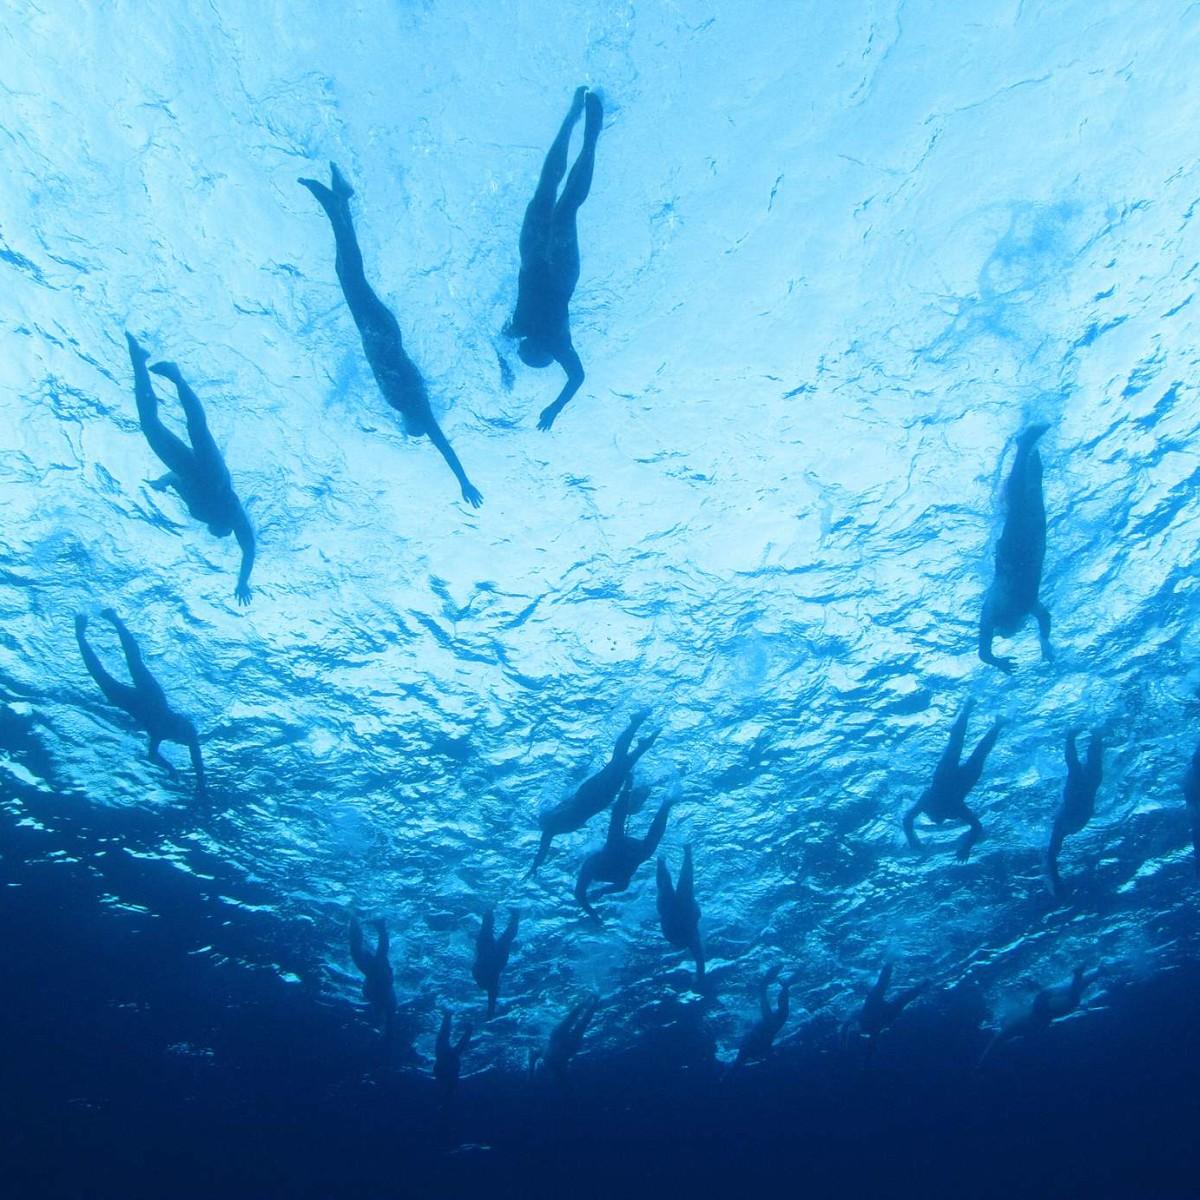 שחיינים בים